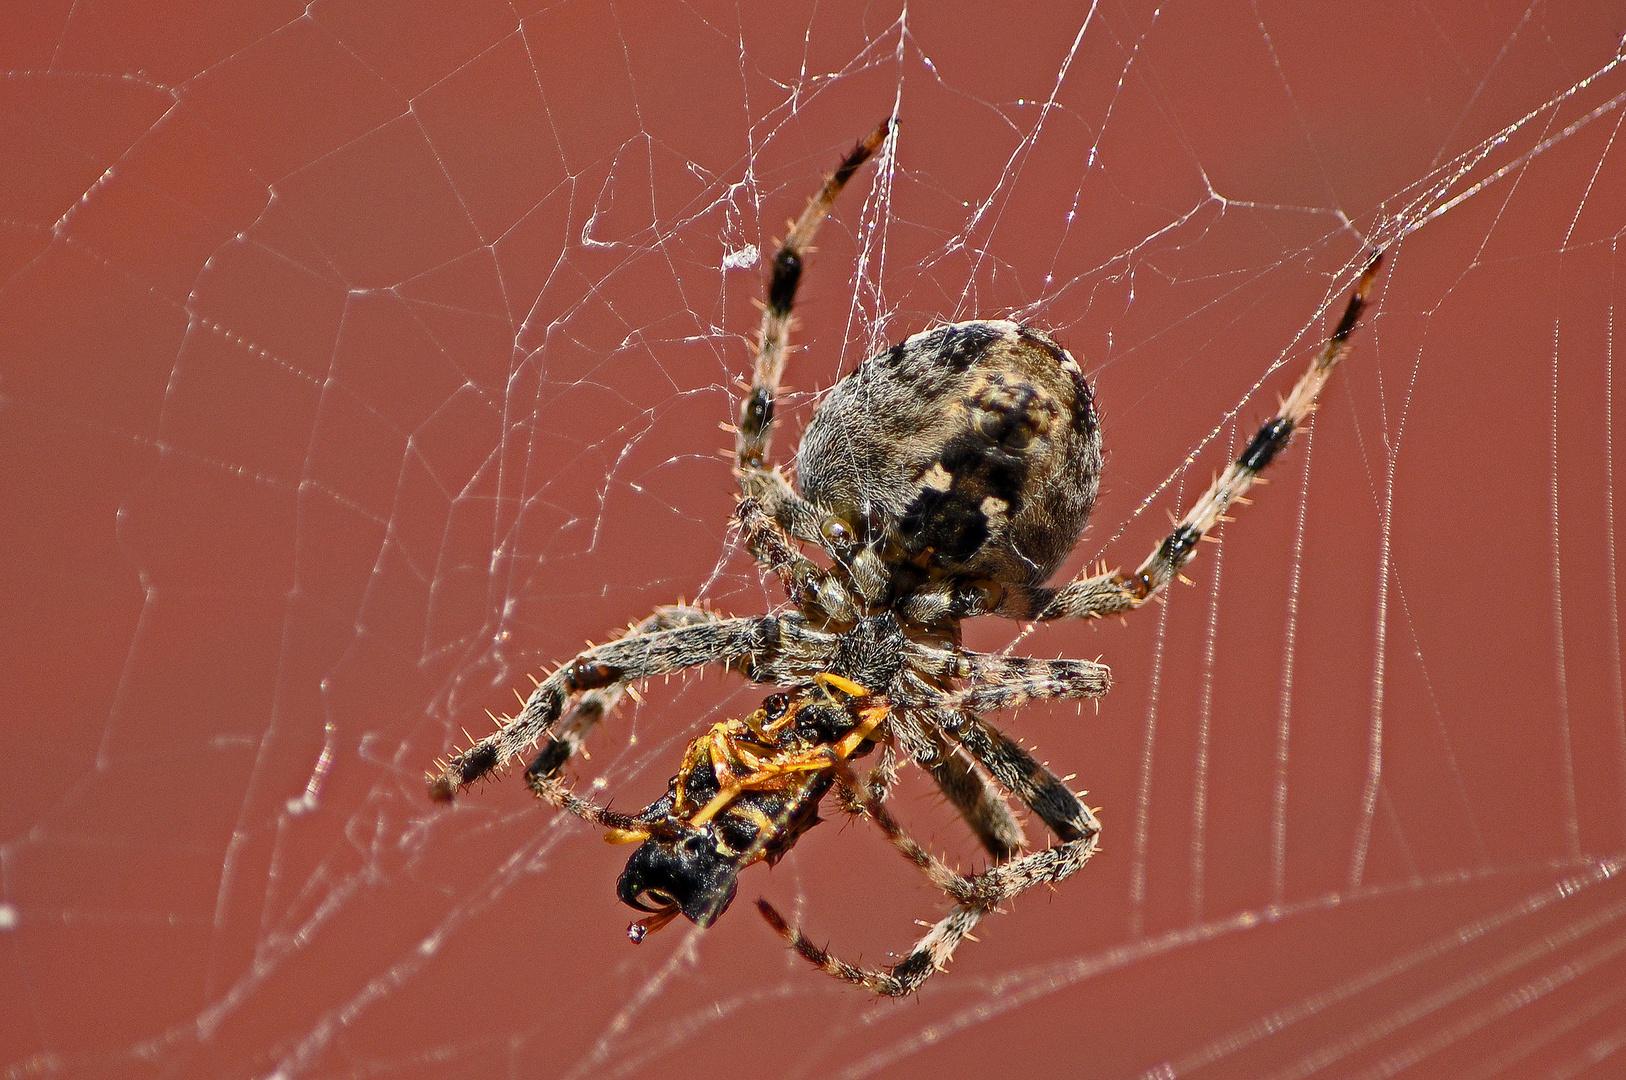 Spinne verspeist Wespe